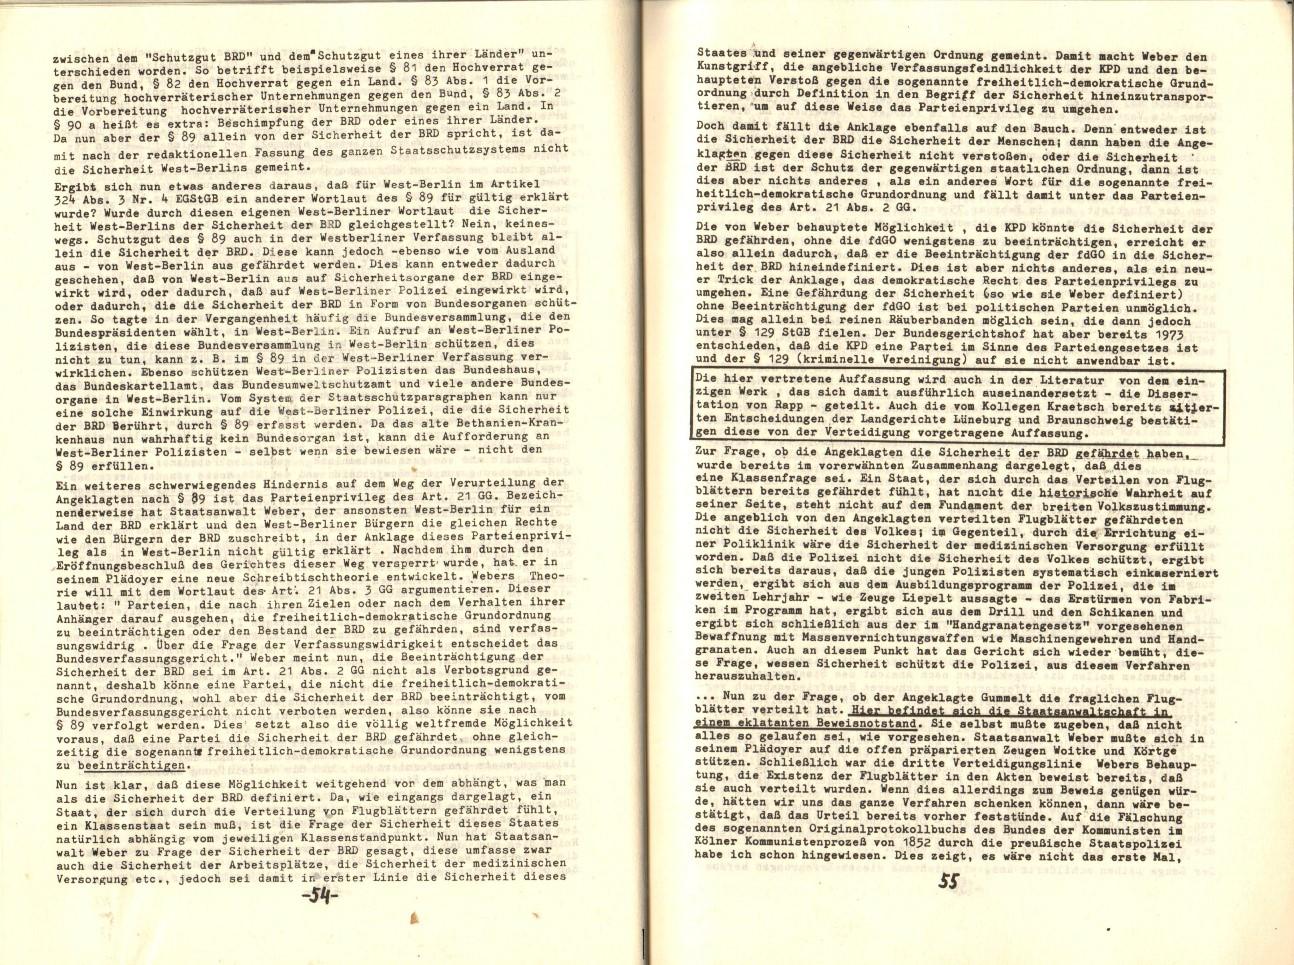 Berlin_KPD_1976_Staatsschutzprozess02_29